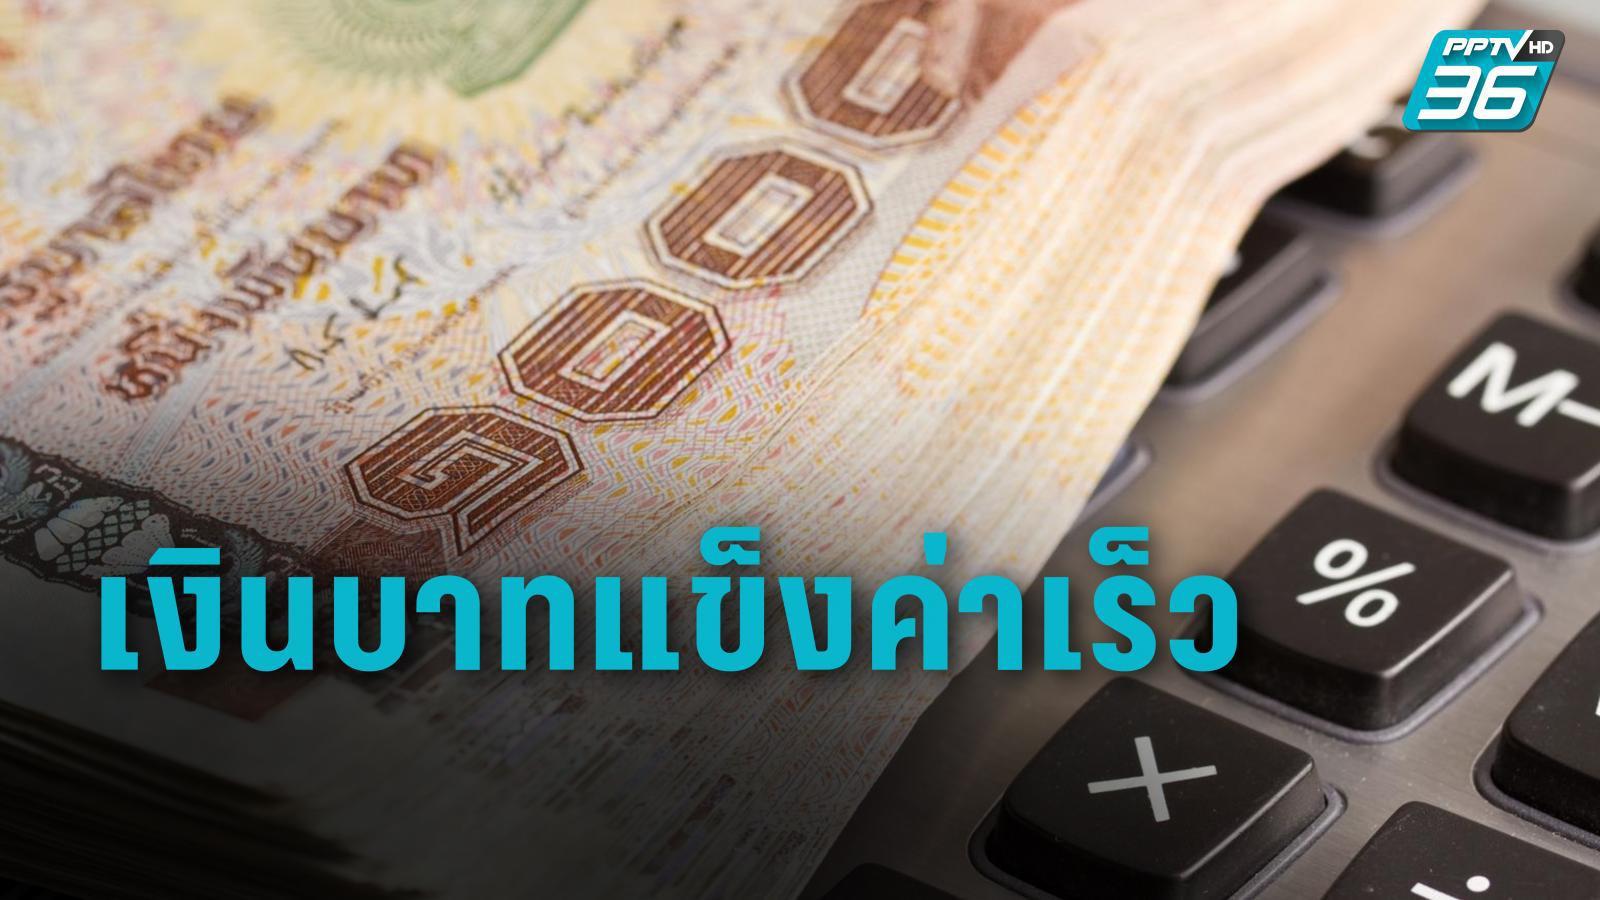 แบงก์ชาติ กังวล เงินบาทแข็งค่าเร็ว ซ้ำเติมเศรษฐกิจไทยที่ยังเปราะบาง